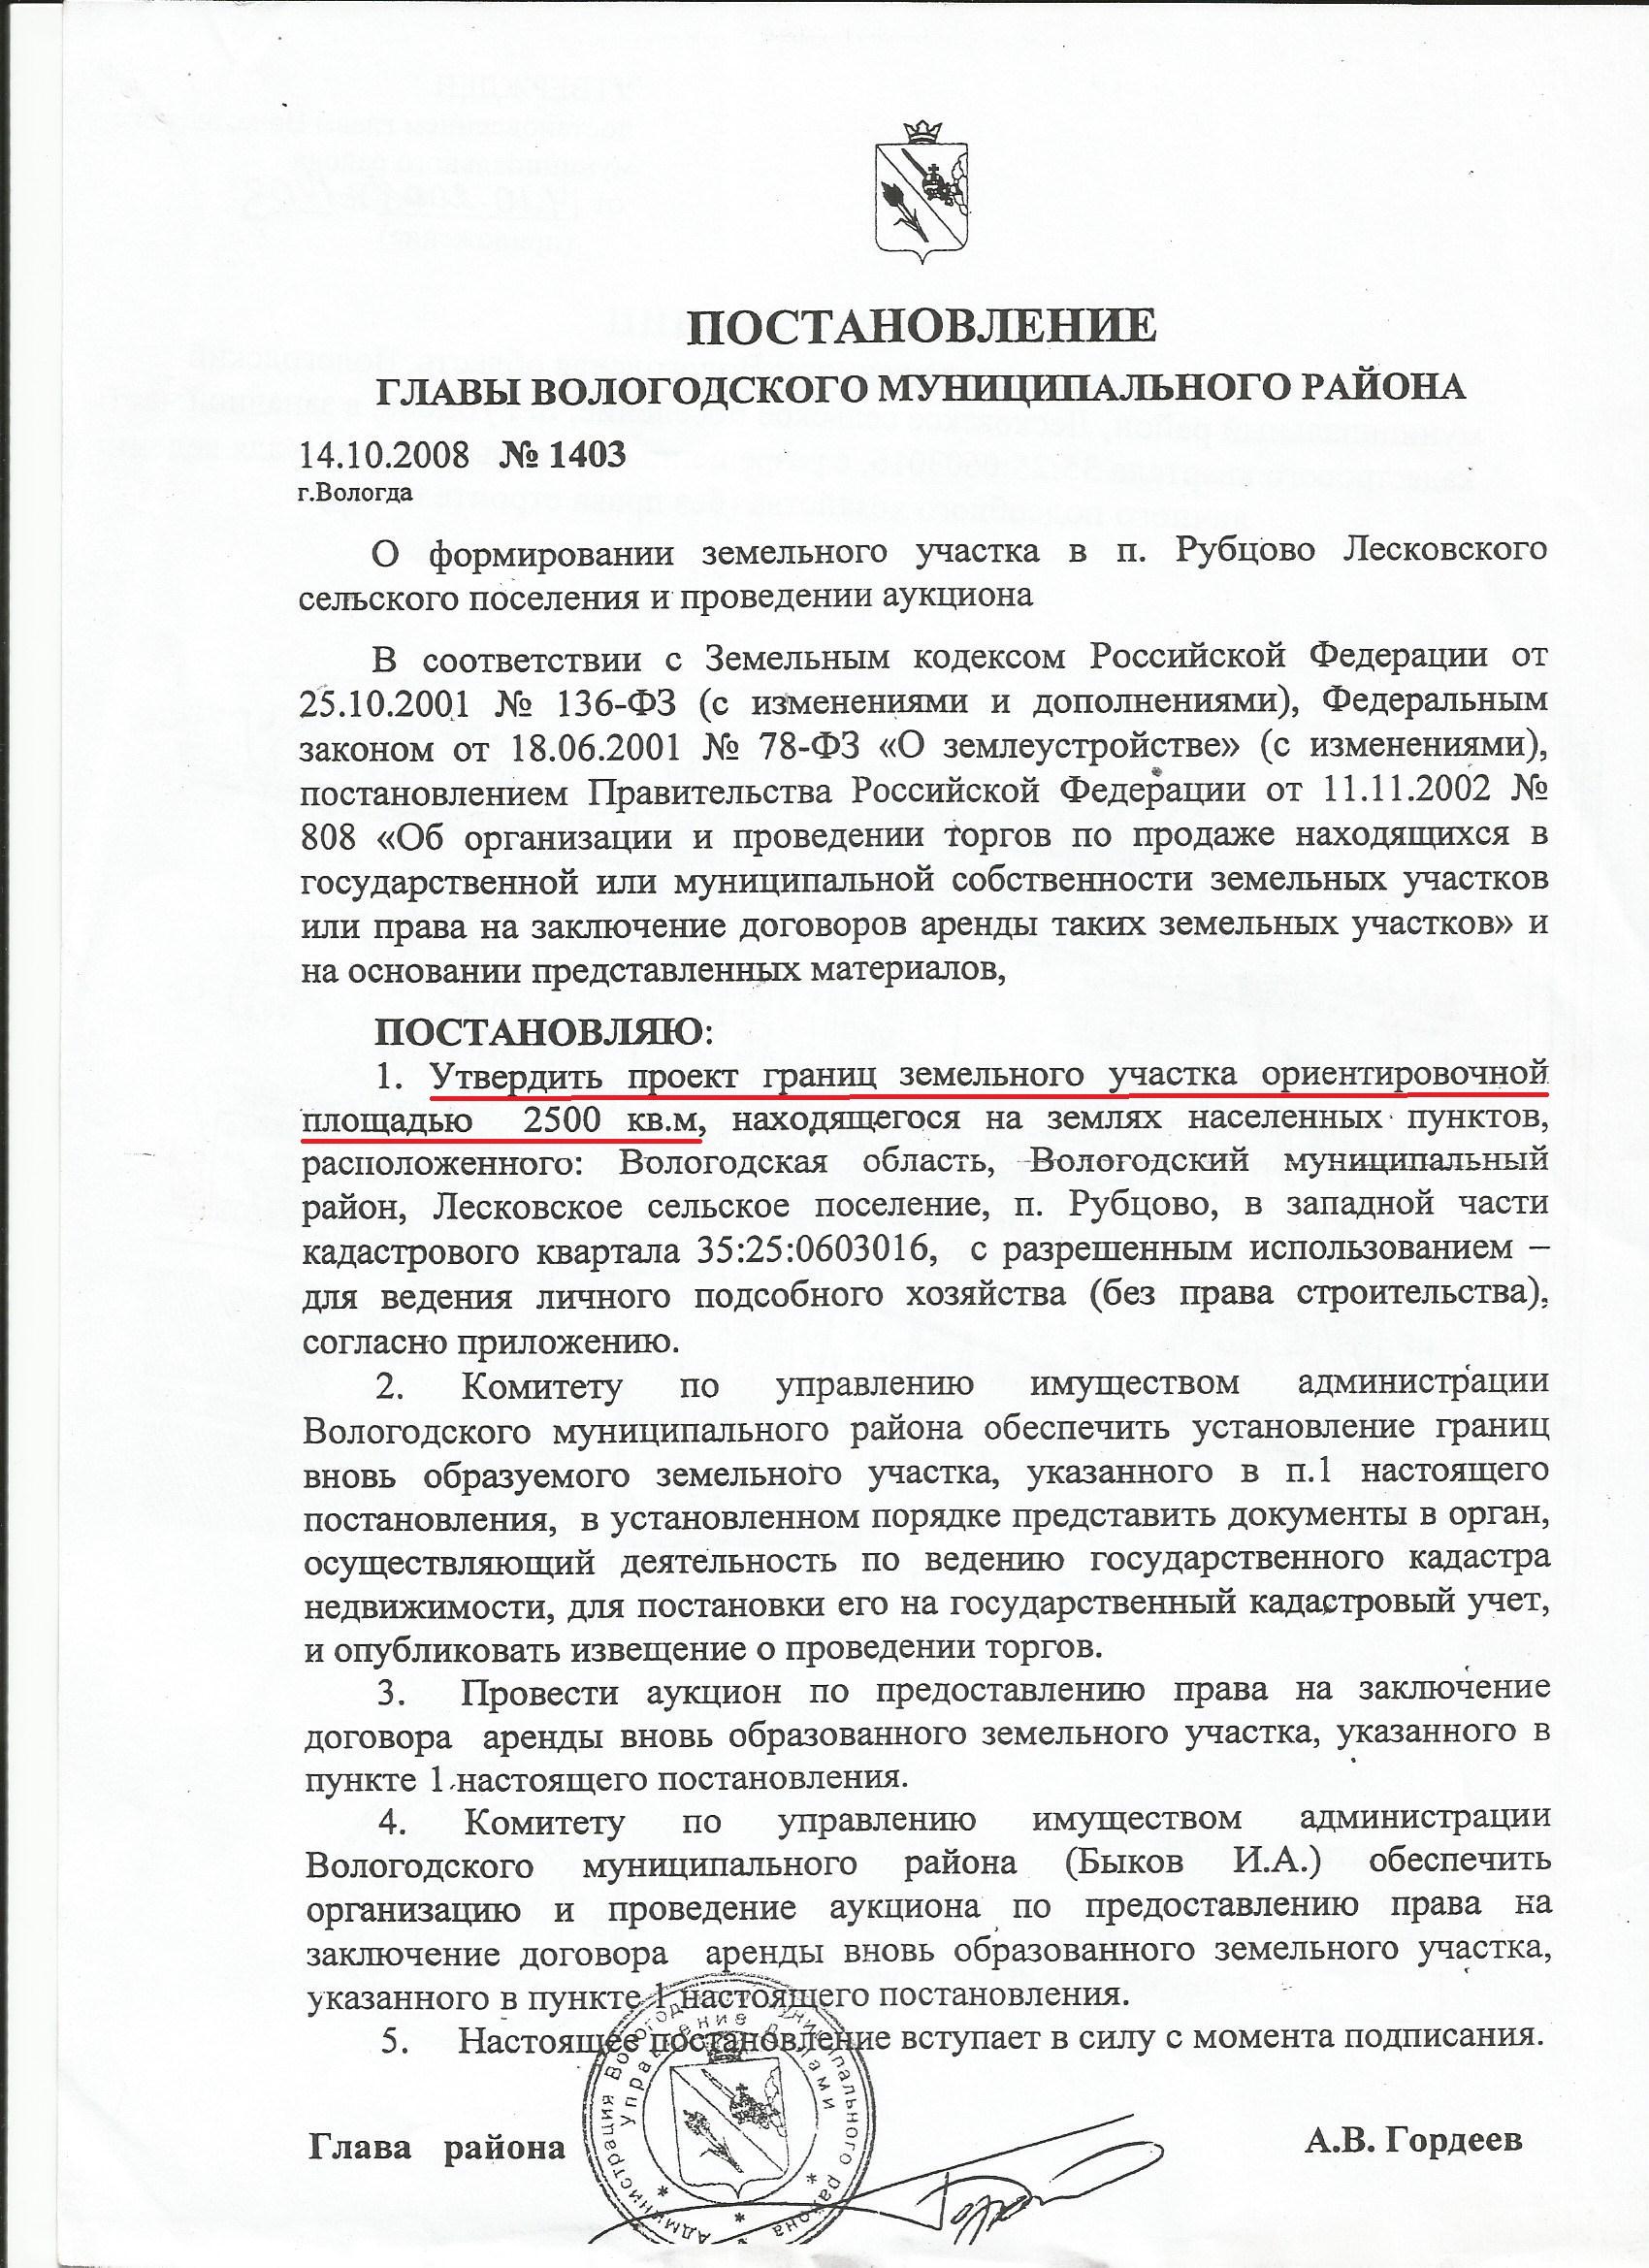 Постановление о формировании участка